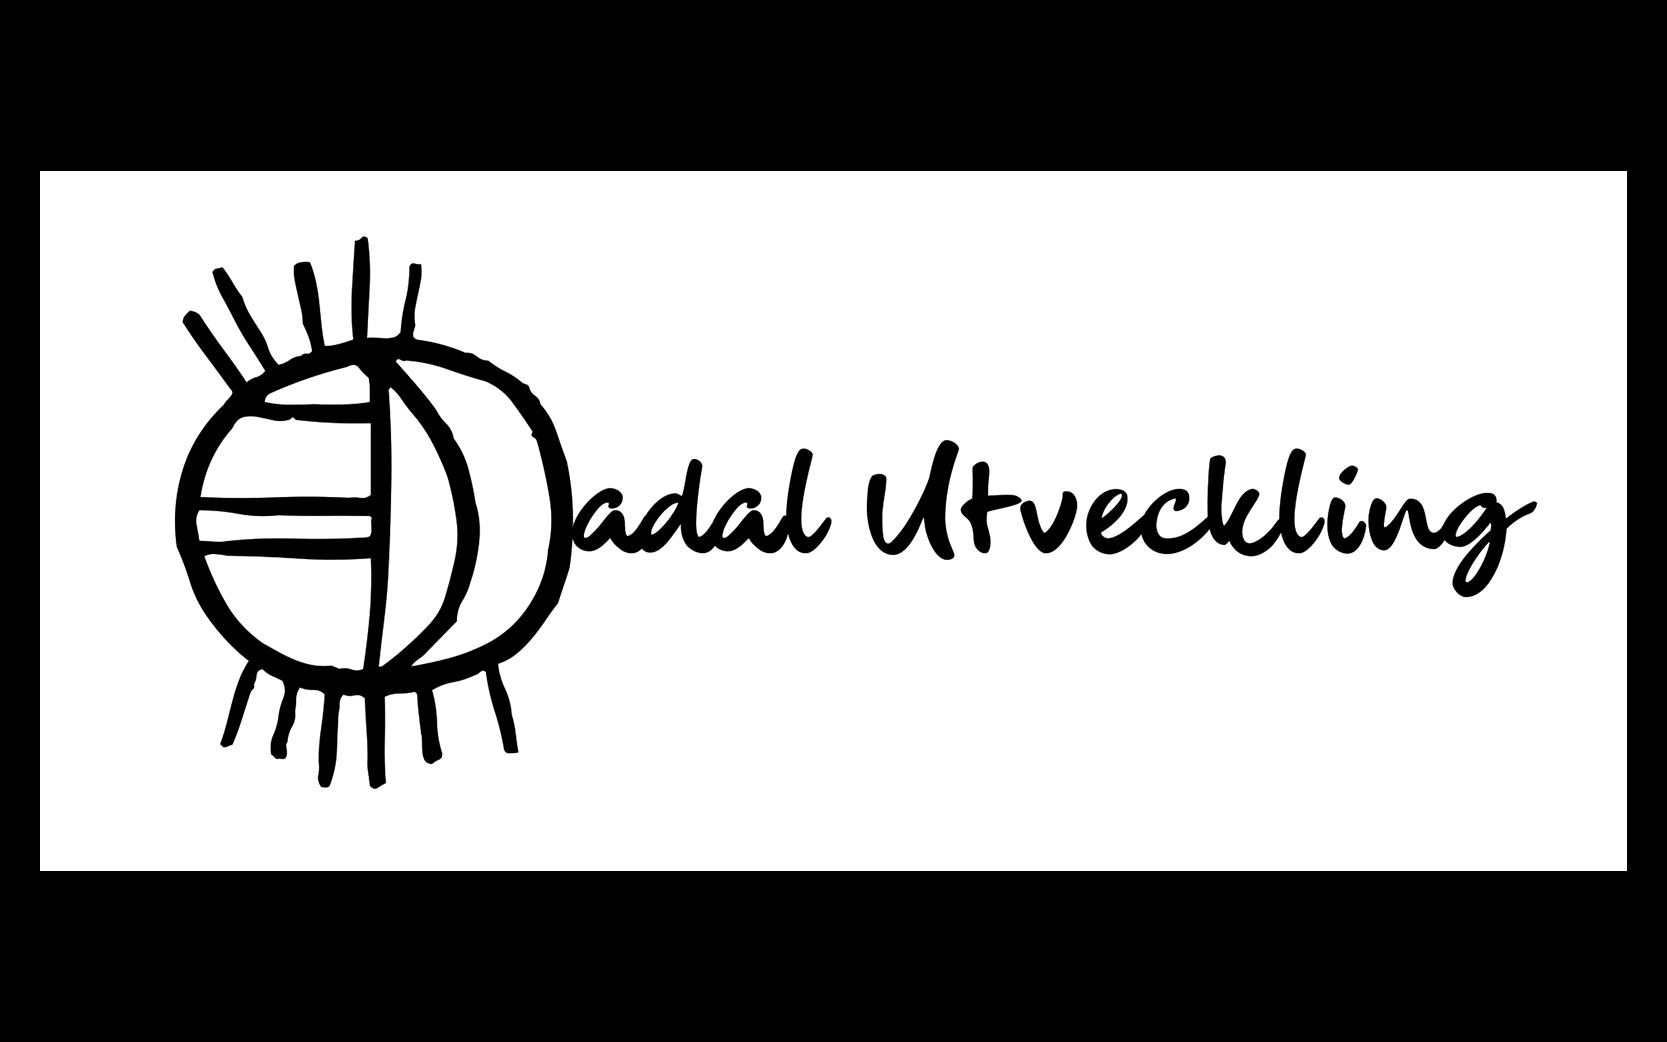 Dadal Utvecklings logotyp